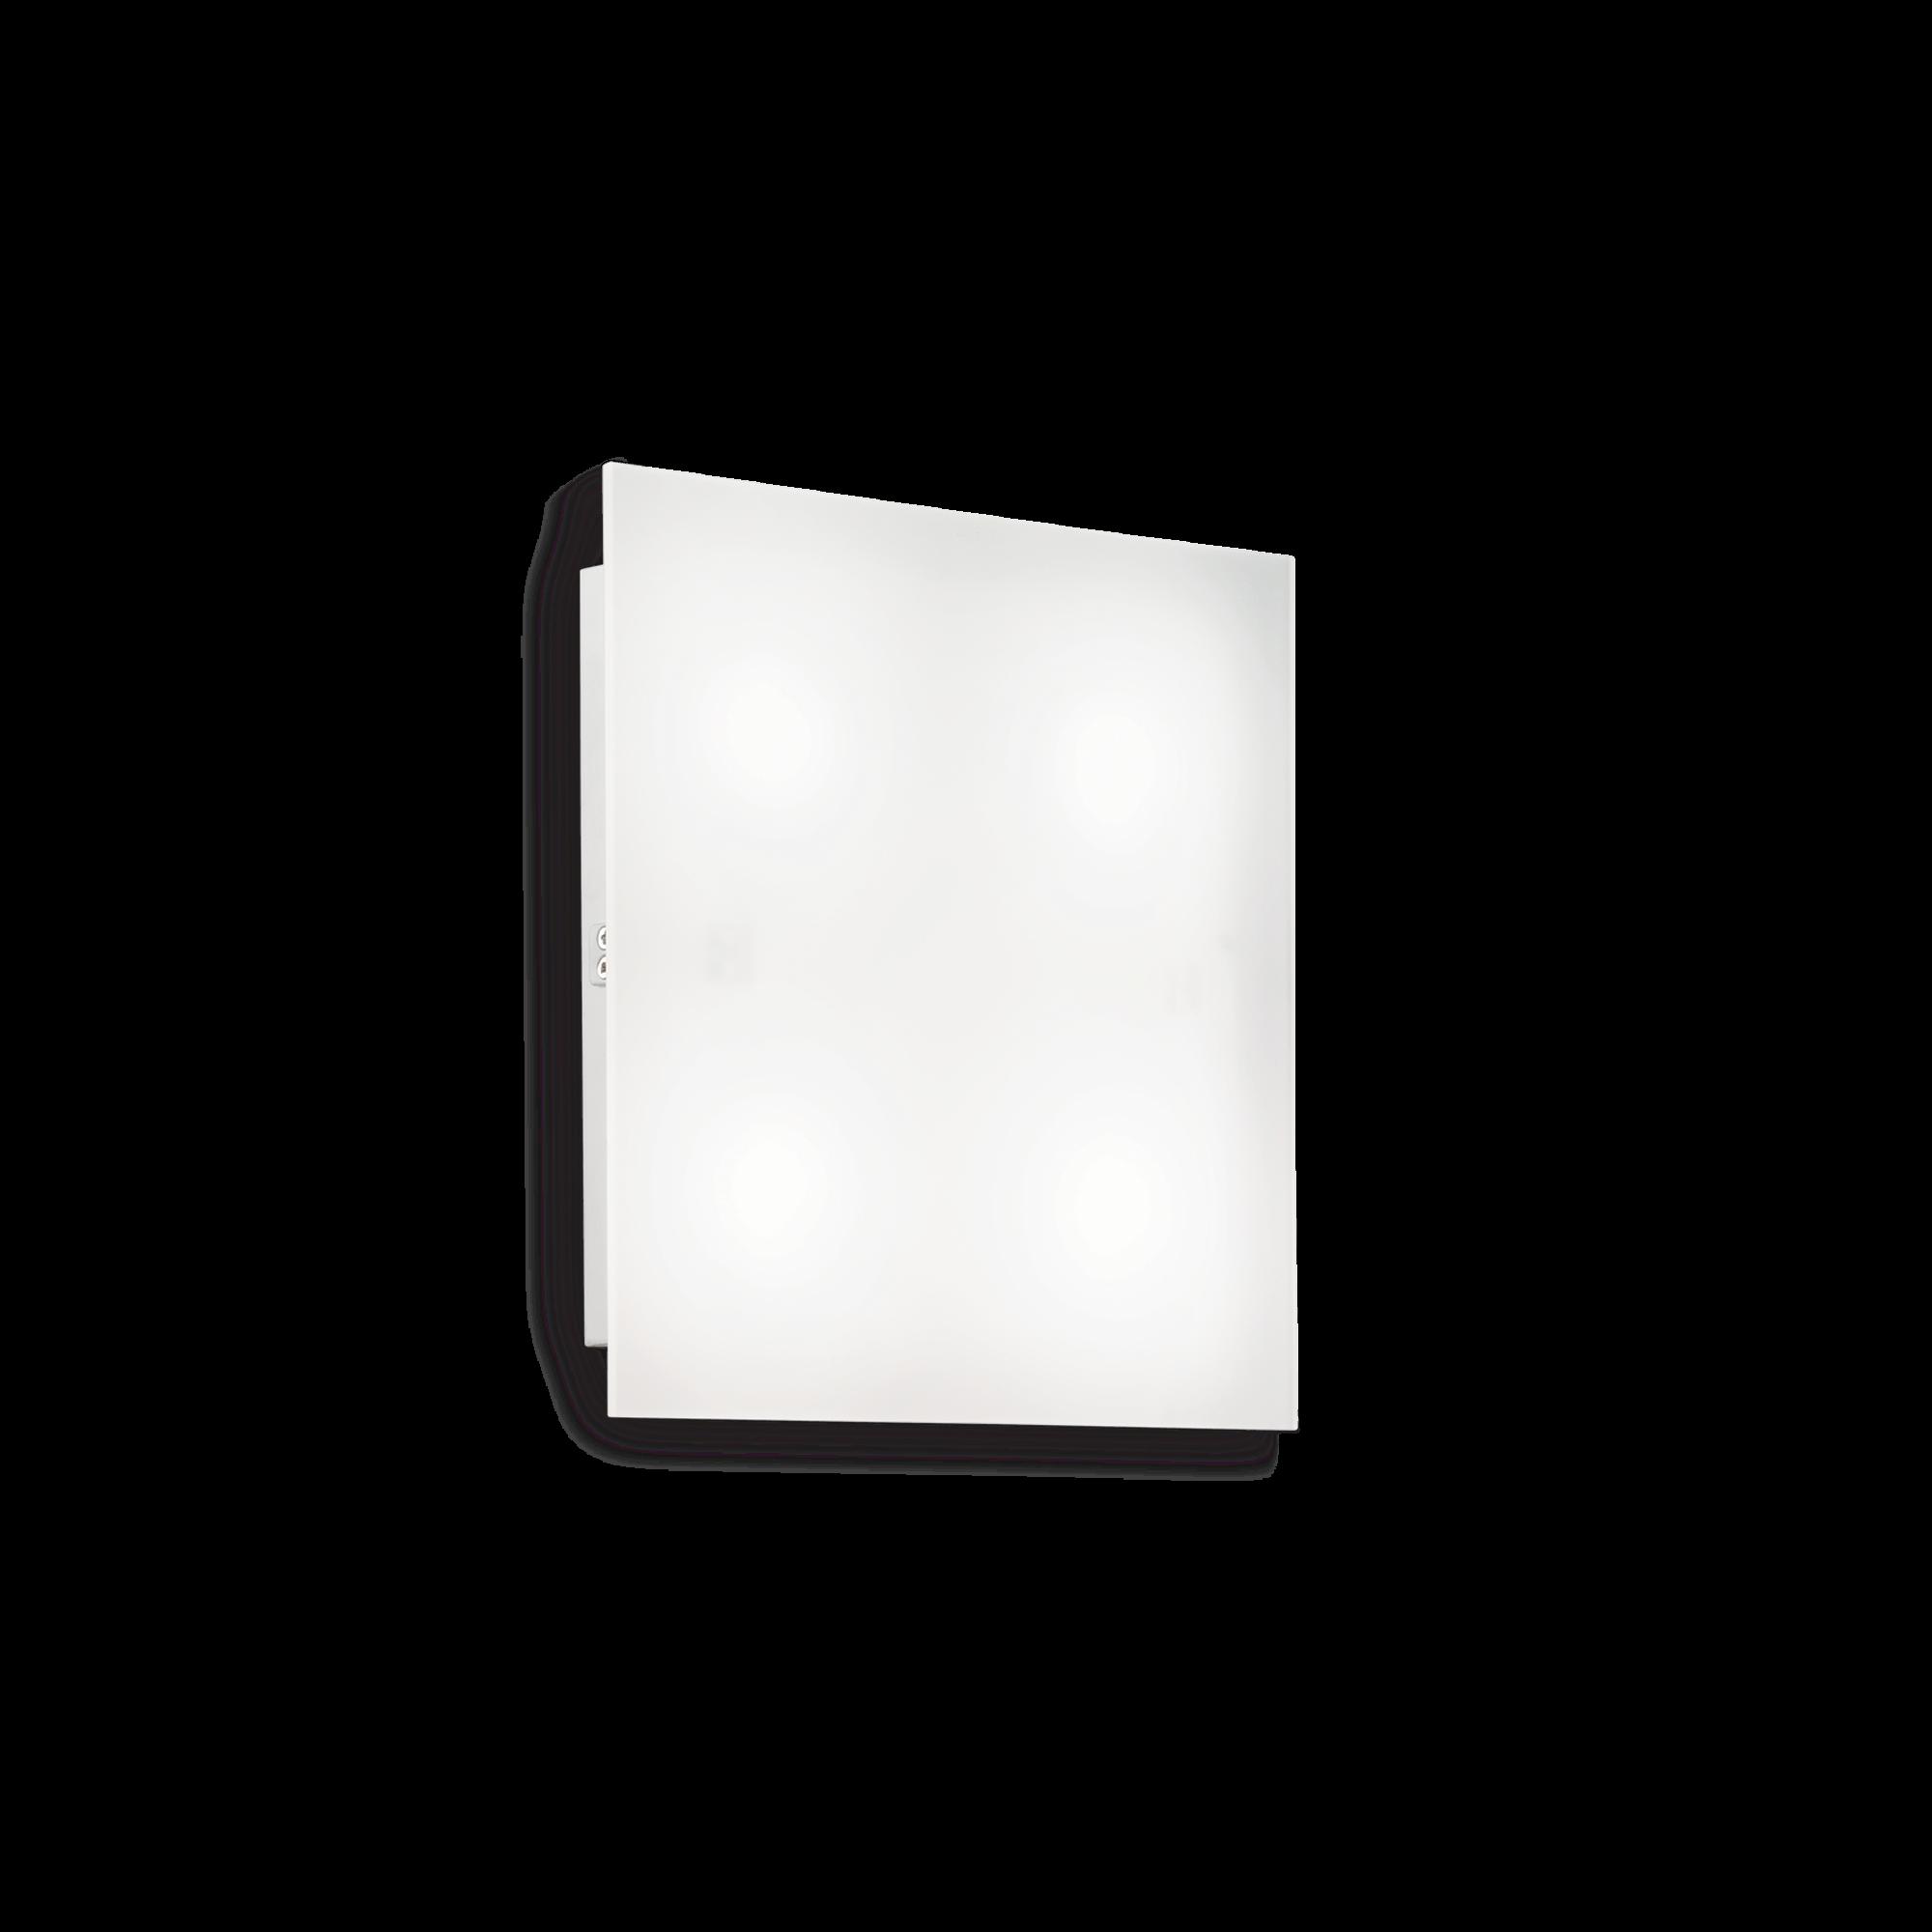 Ideal Lux 134888 Flat PL1 D20 mennyezeti lámpa